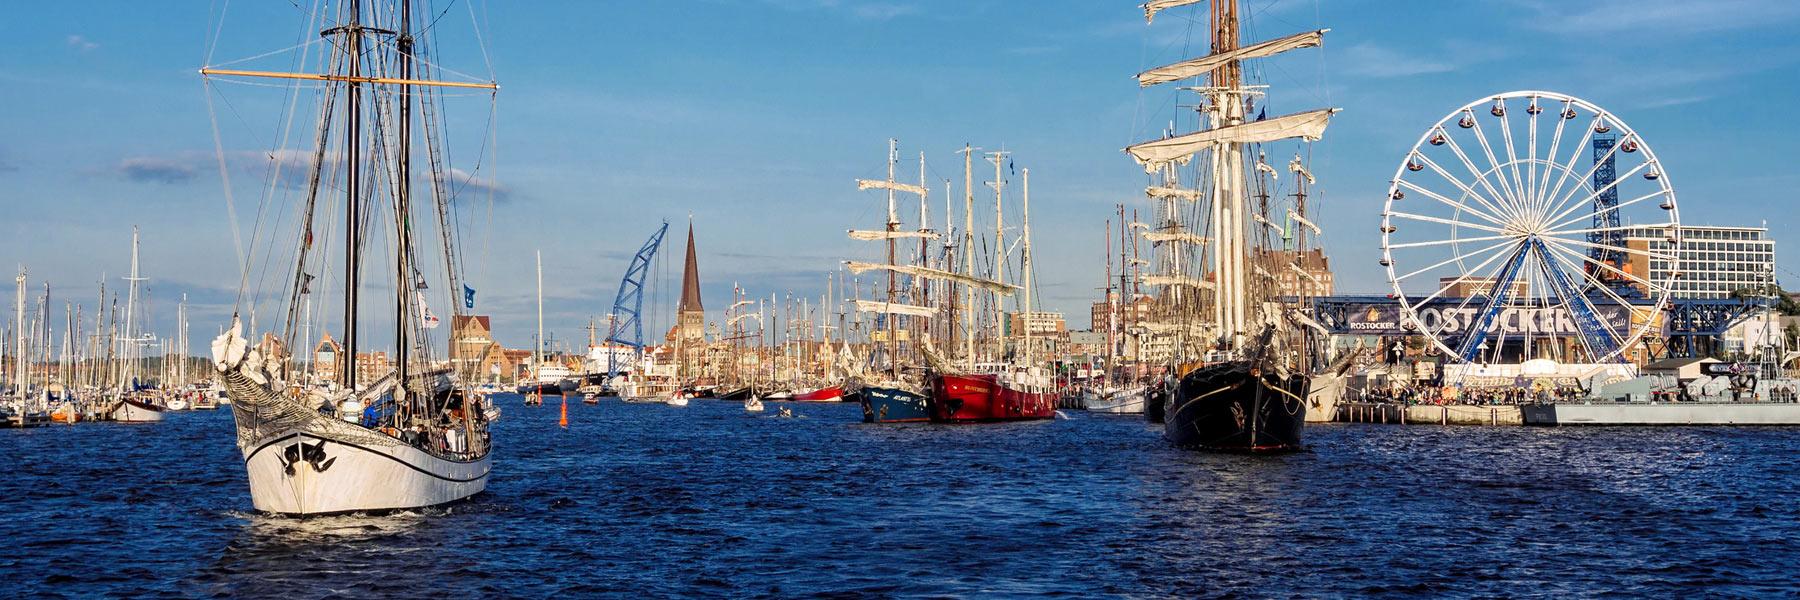 Hanse Sail - Hansestadt Rostock